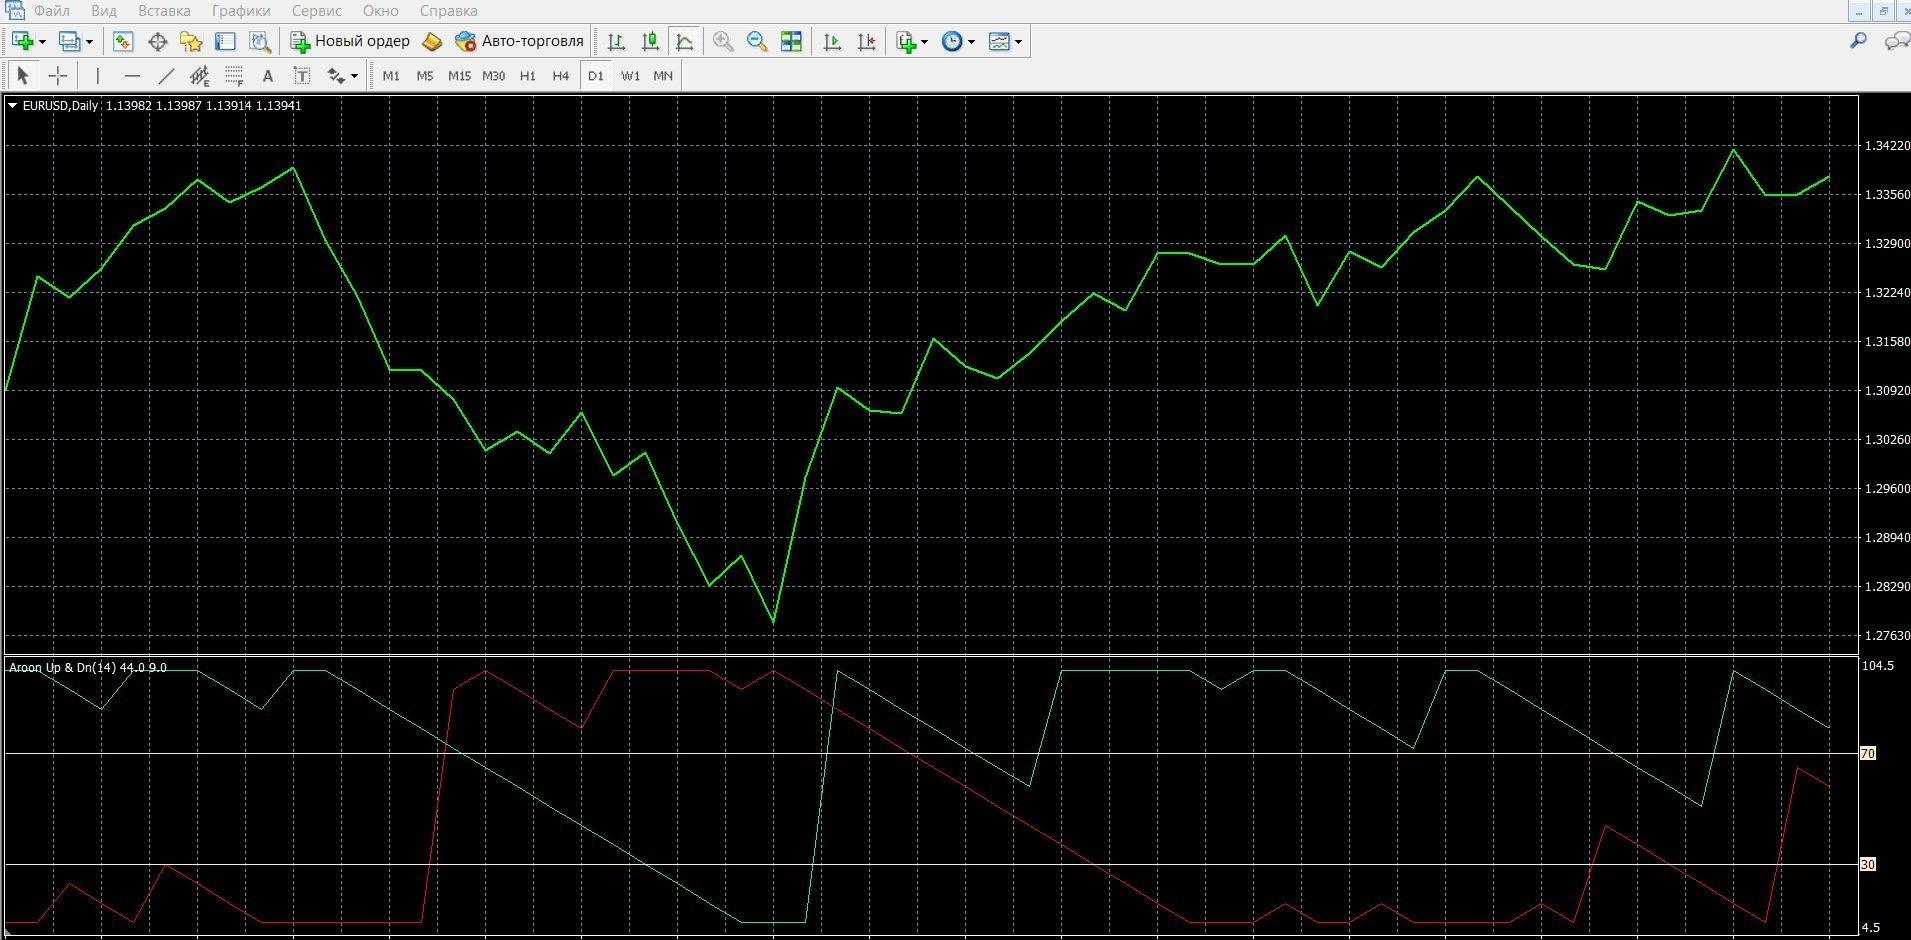 Индикатор бинарных опционов Aroon (Арун)